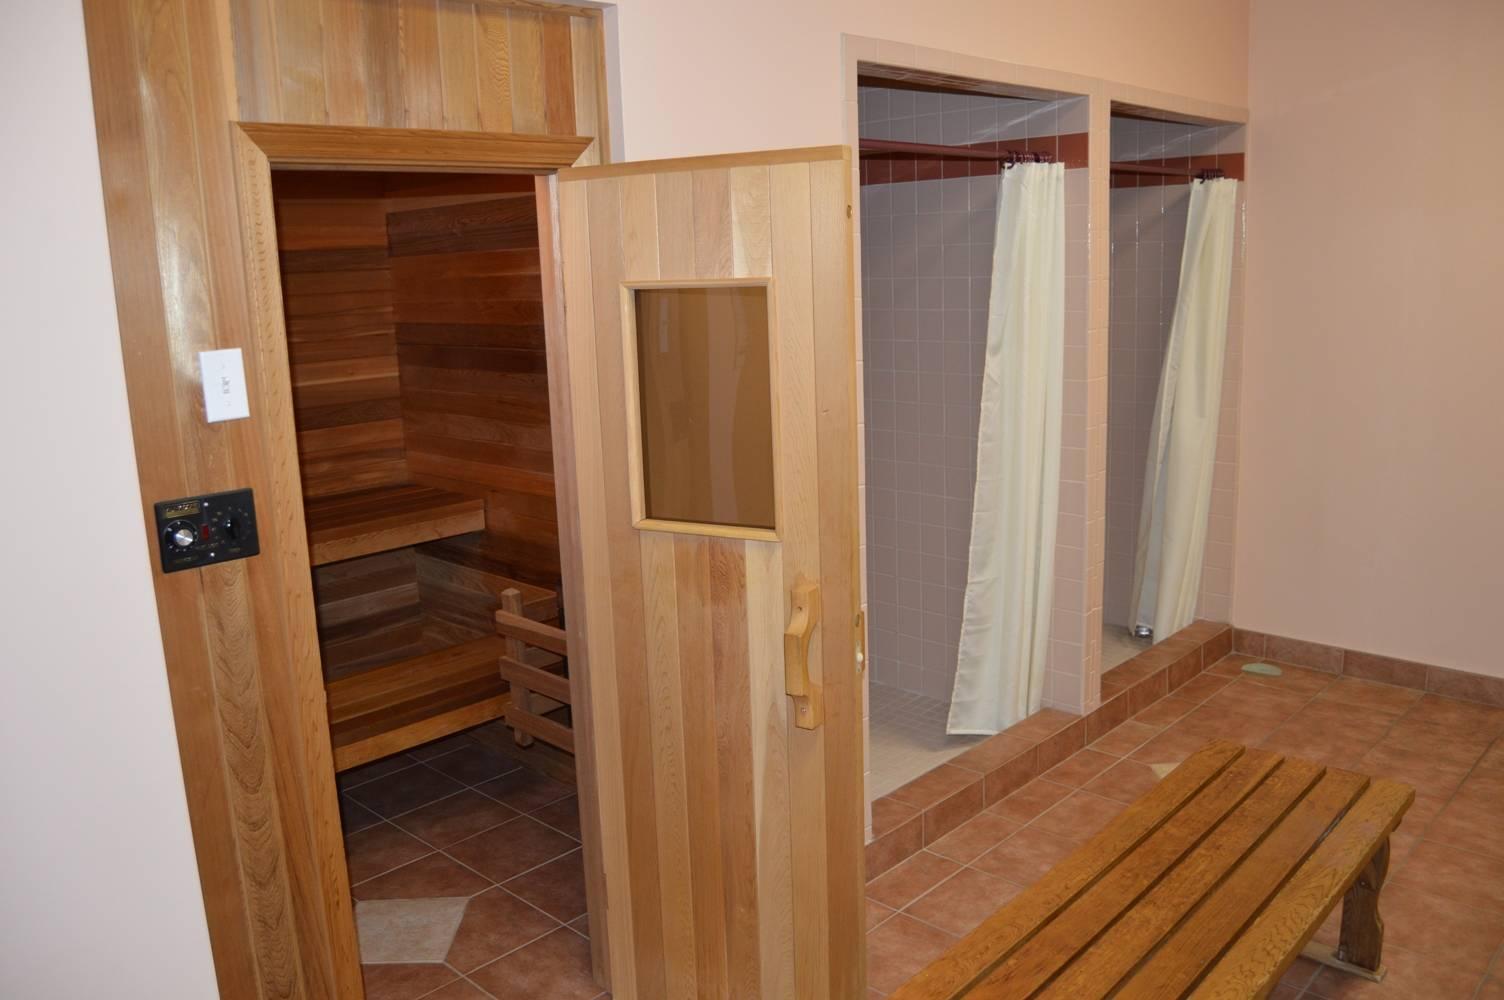 Sauna & shower area